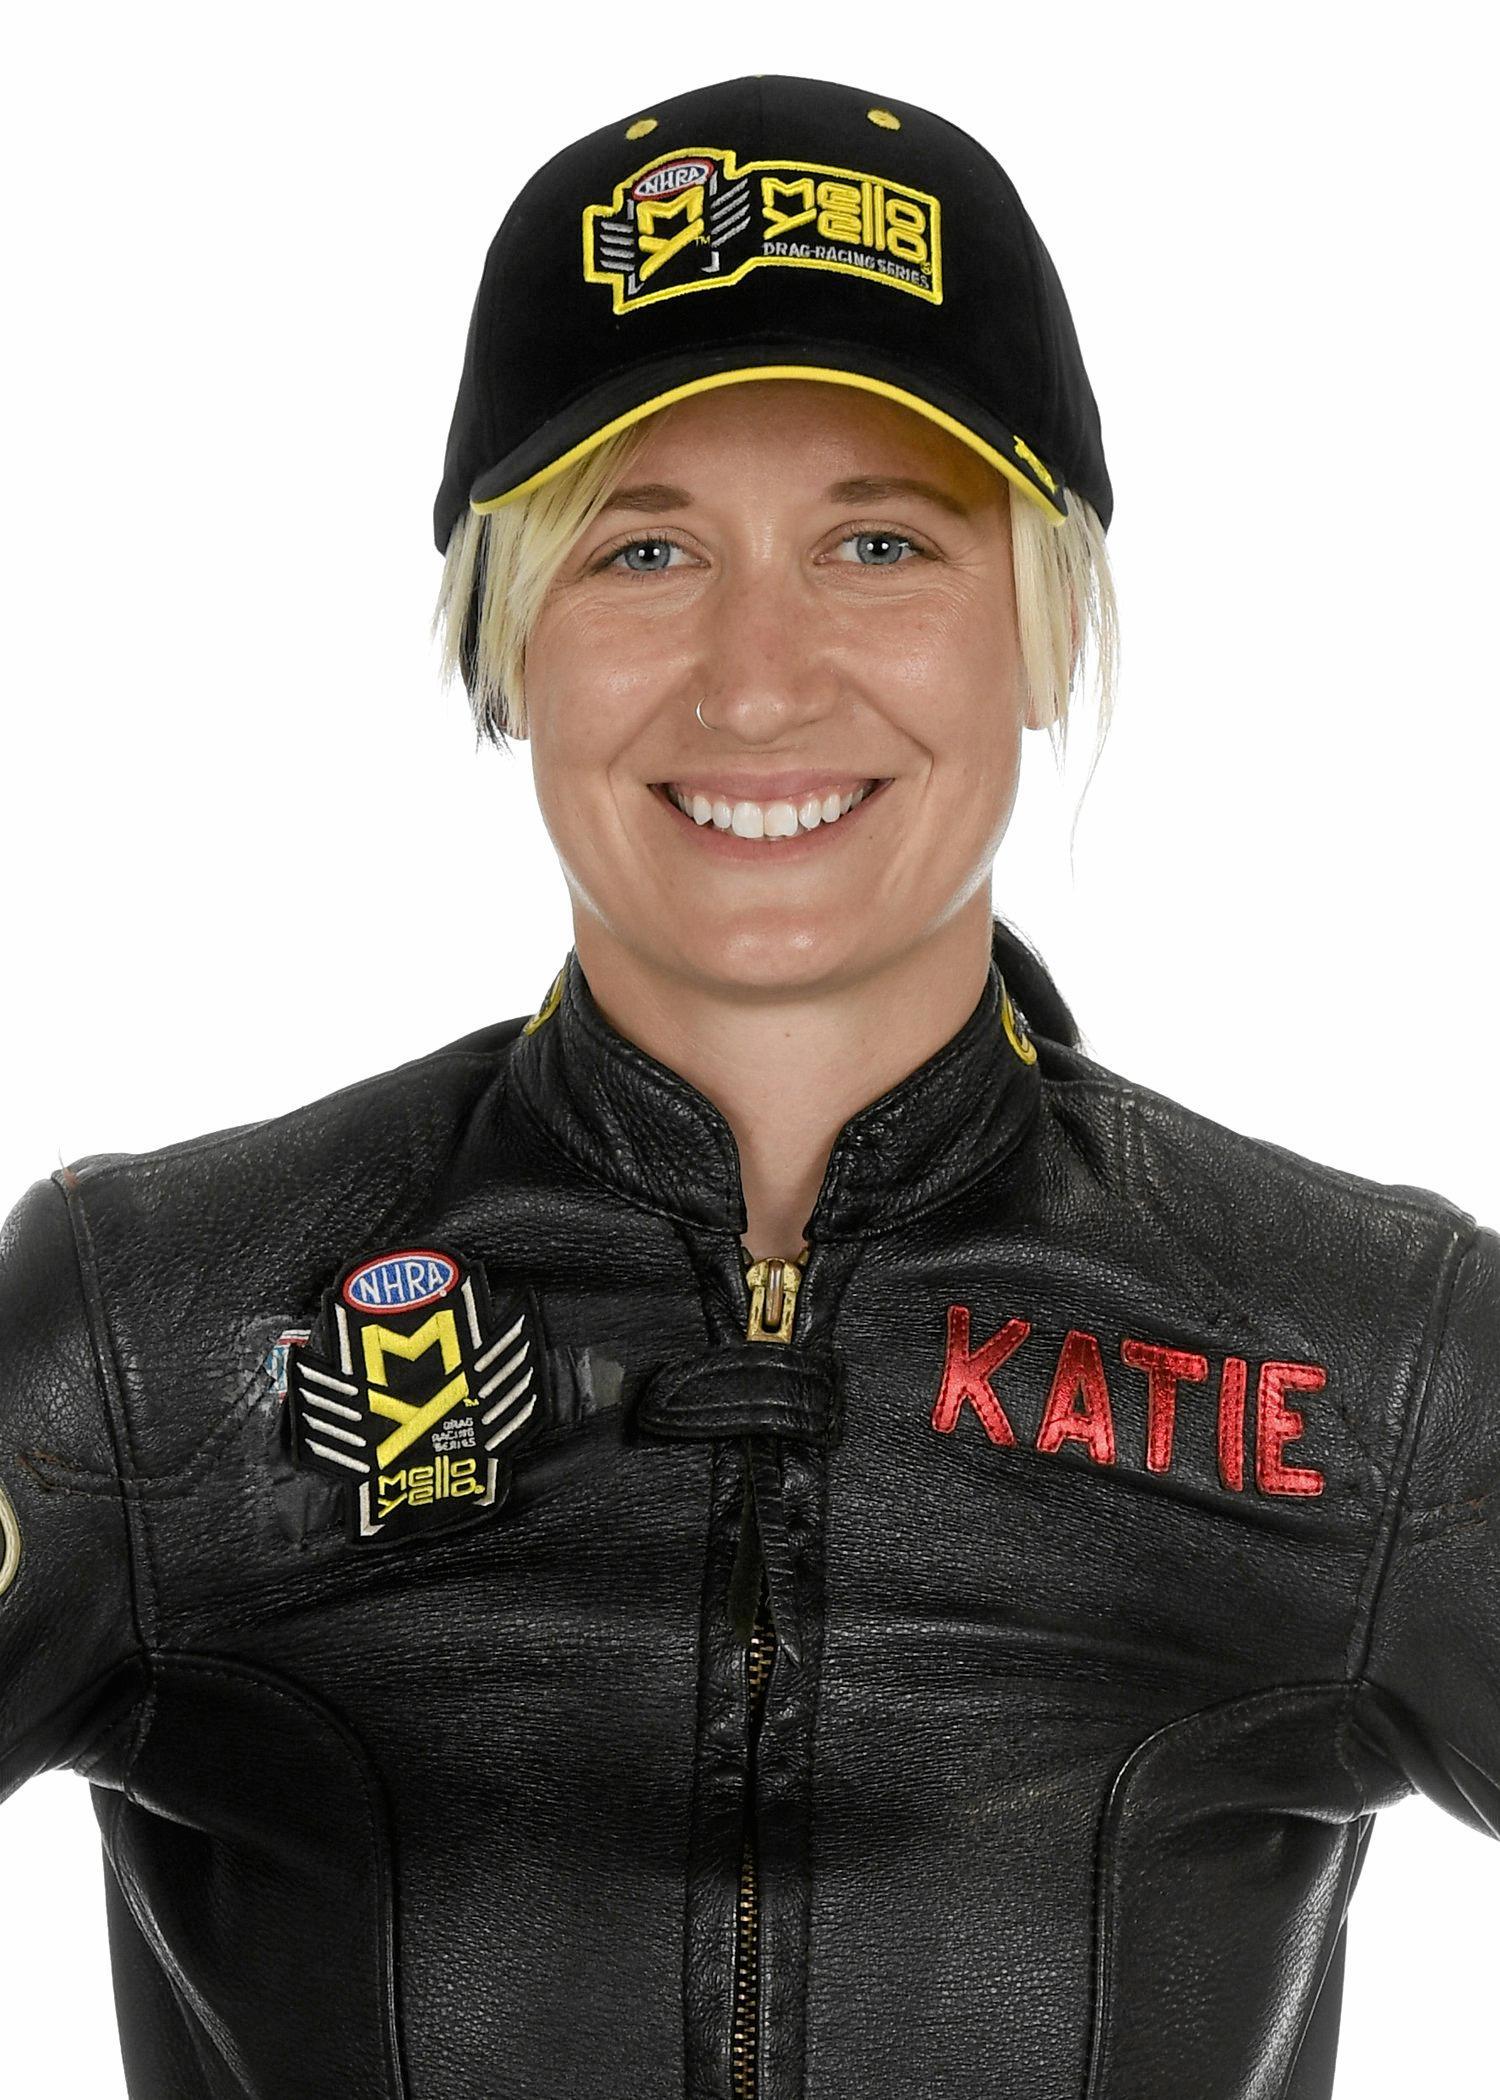 American racer Katie Sullivan